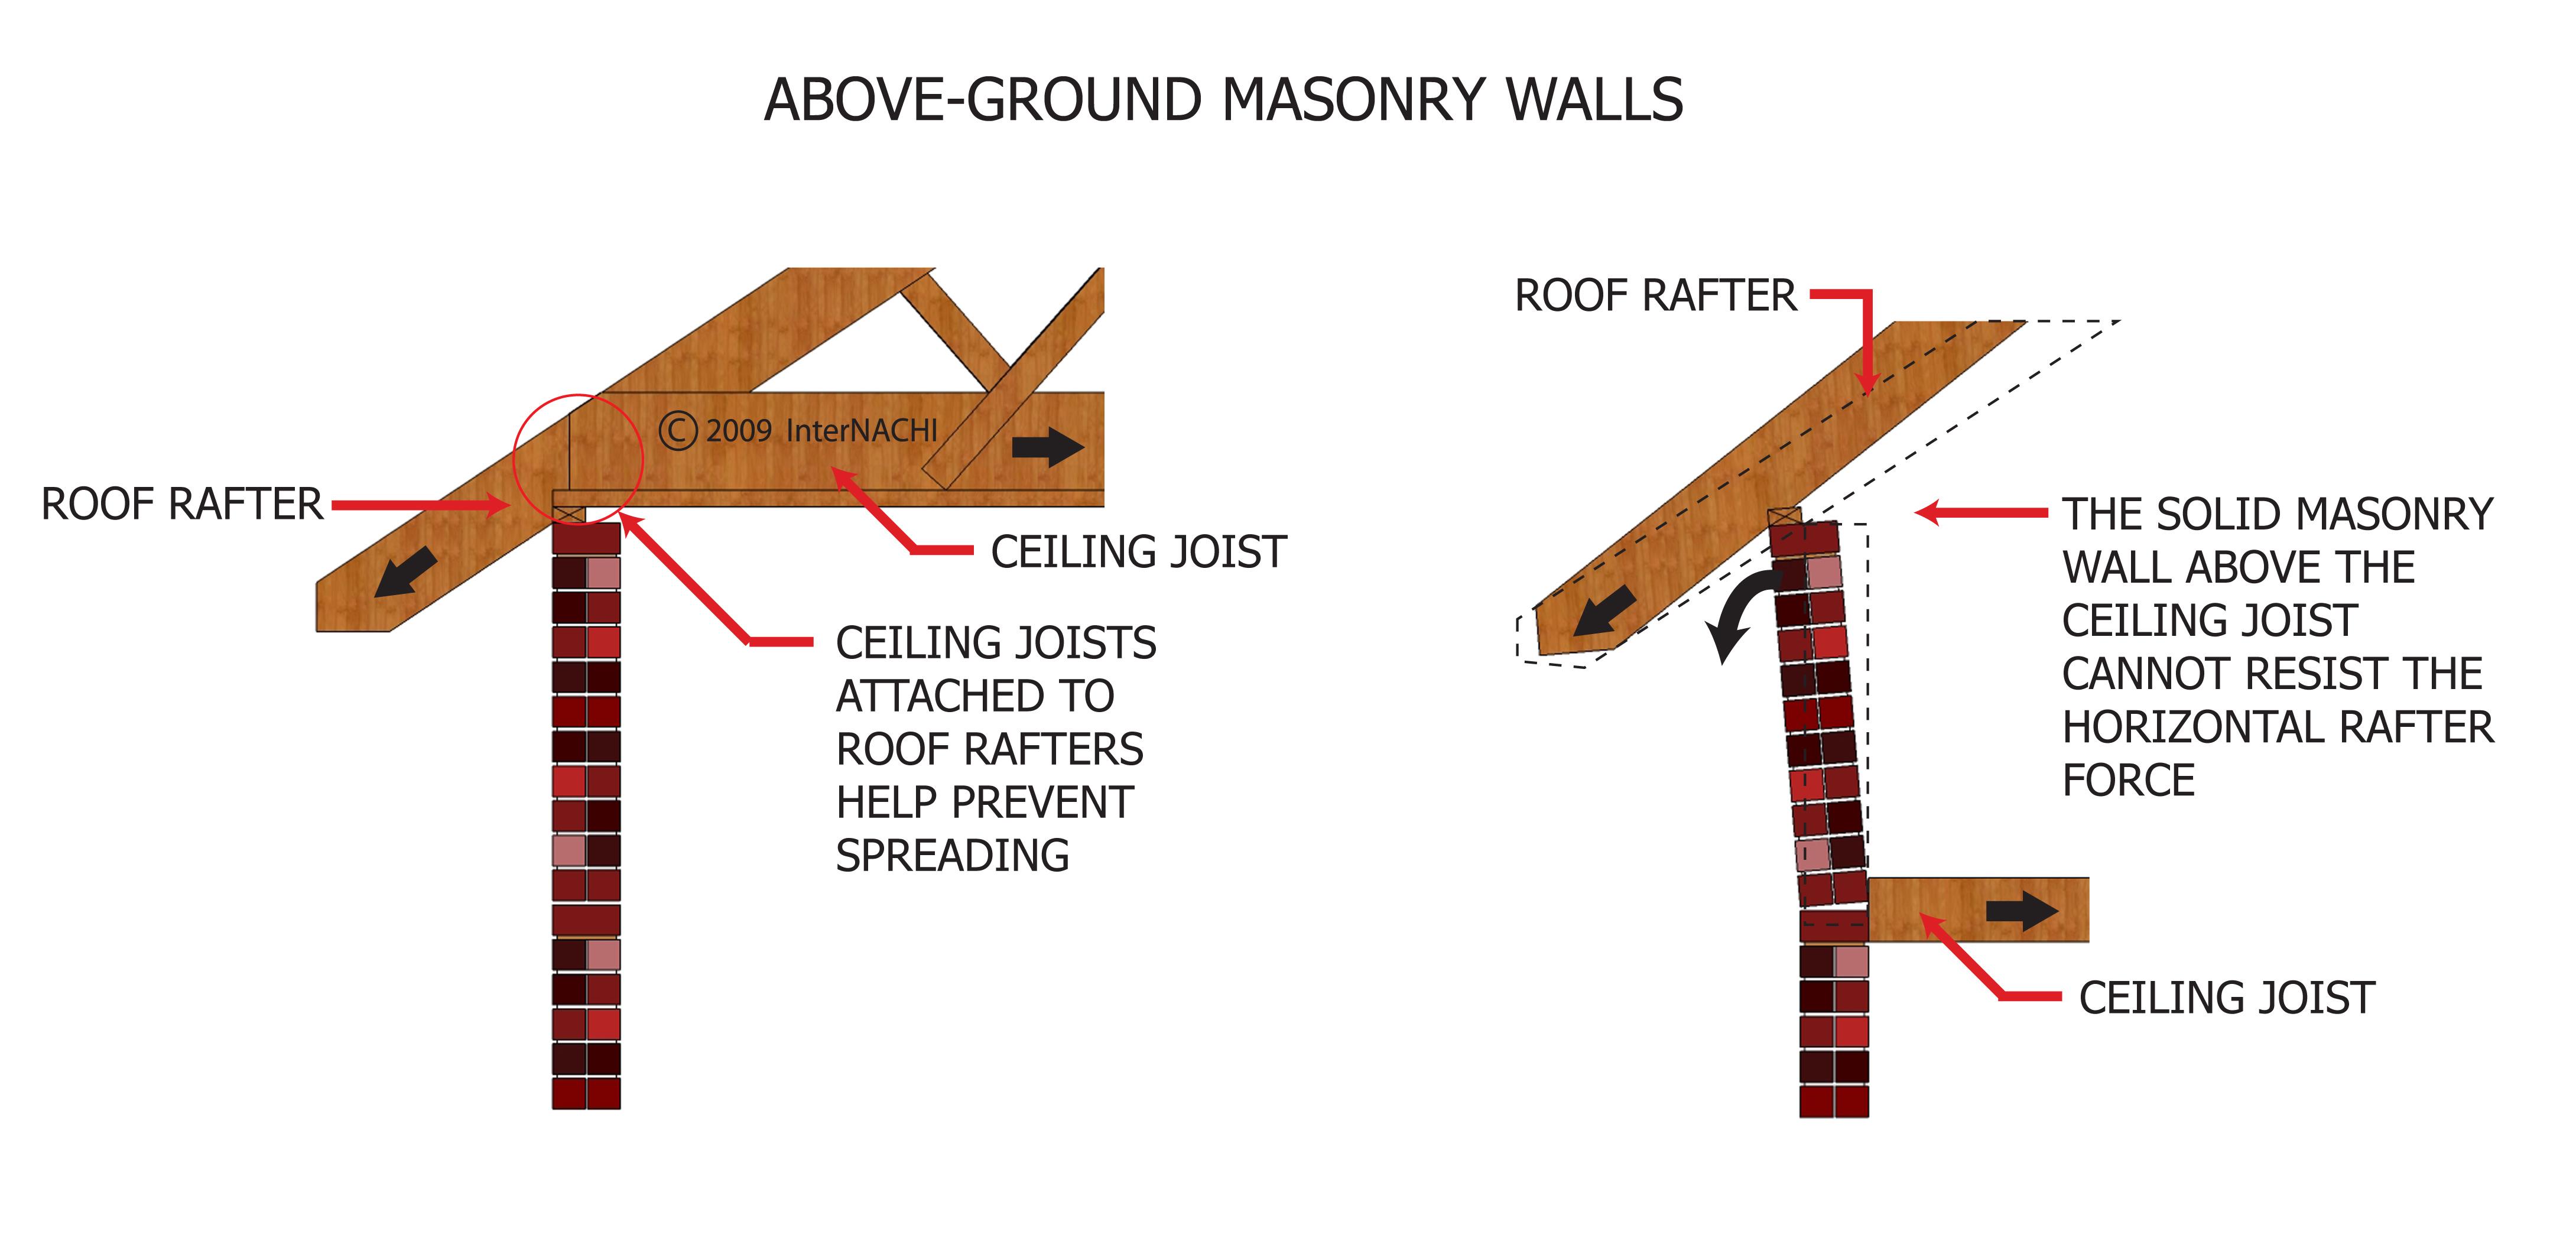 Above-ground masonry walls.